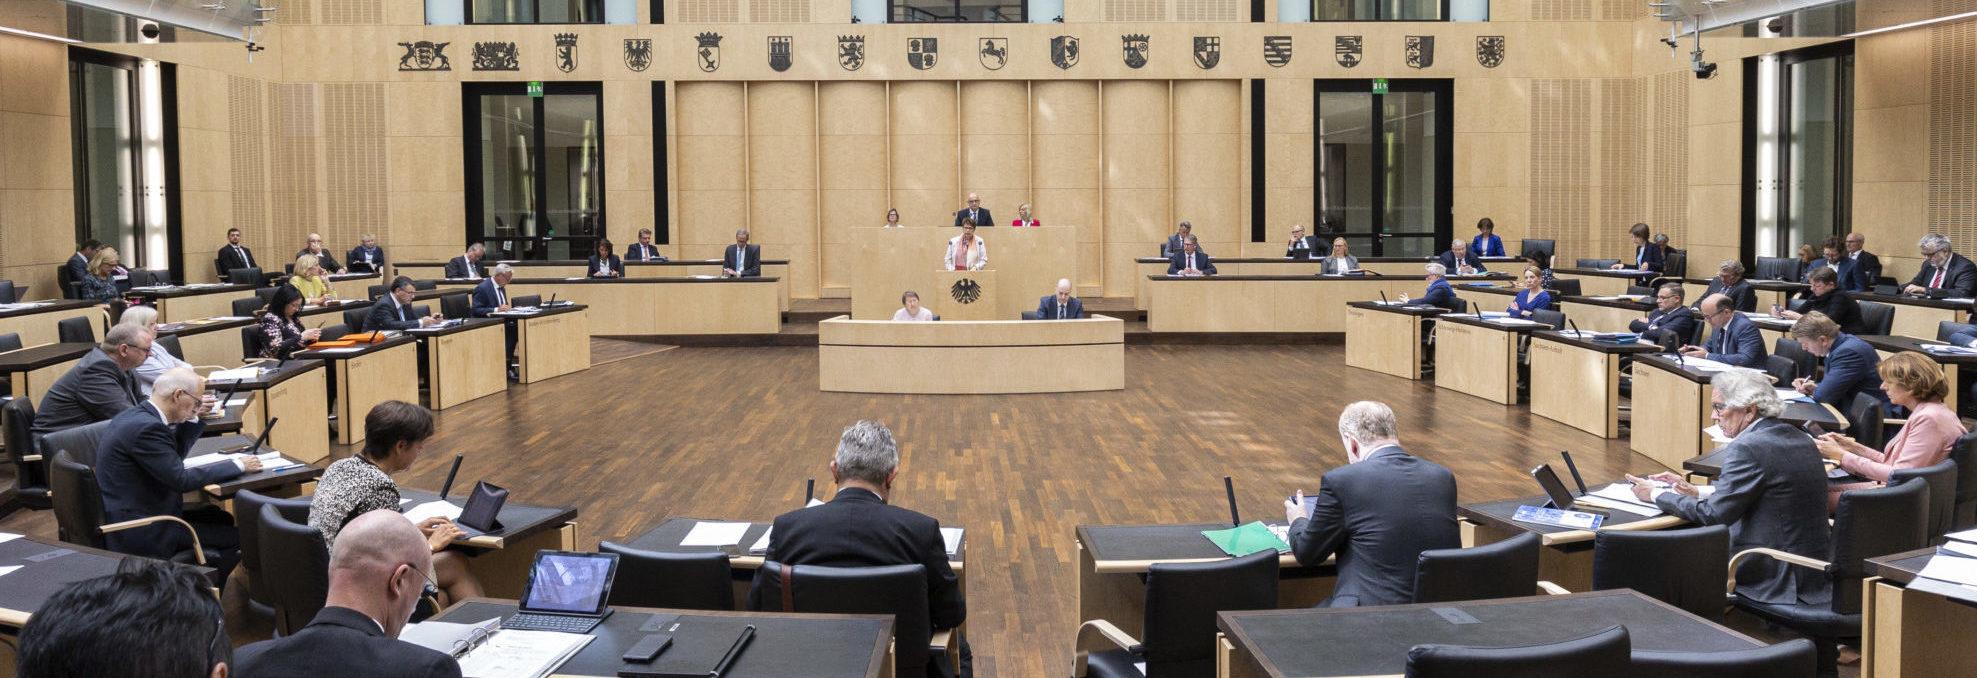 Wirtschaftsausschuss des Bundesrates empfiehlt Verschiebung des Emissionshandels